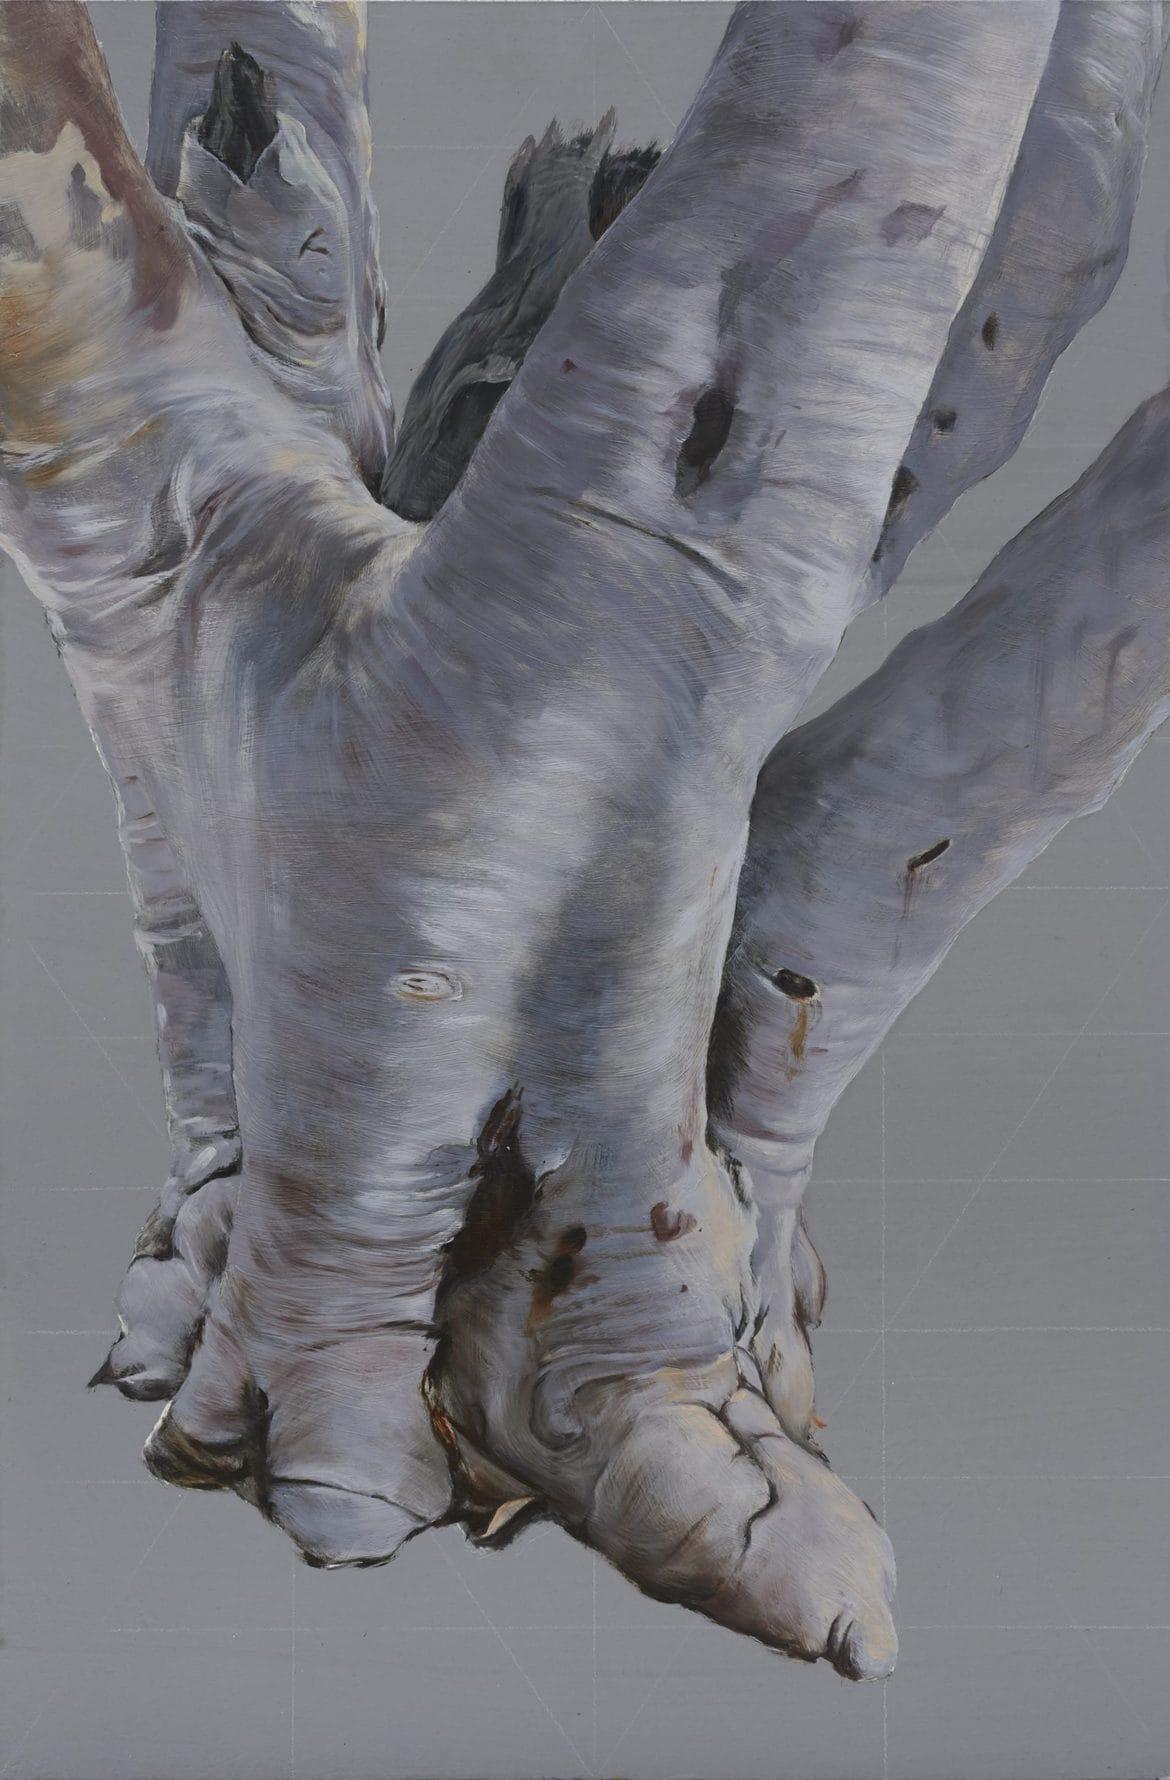 Piers Greville, 'El tres de mayo en Madrid', 2020, oil and acrylic on masonite, 61 x 92 cm